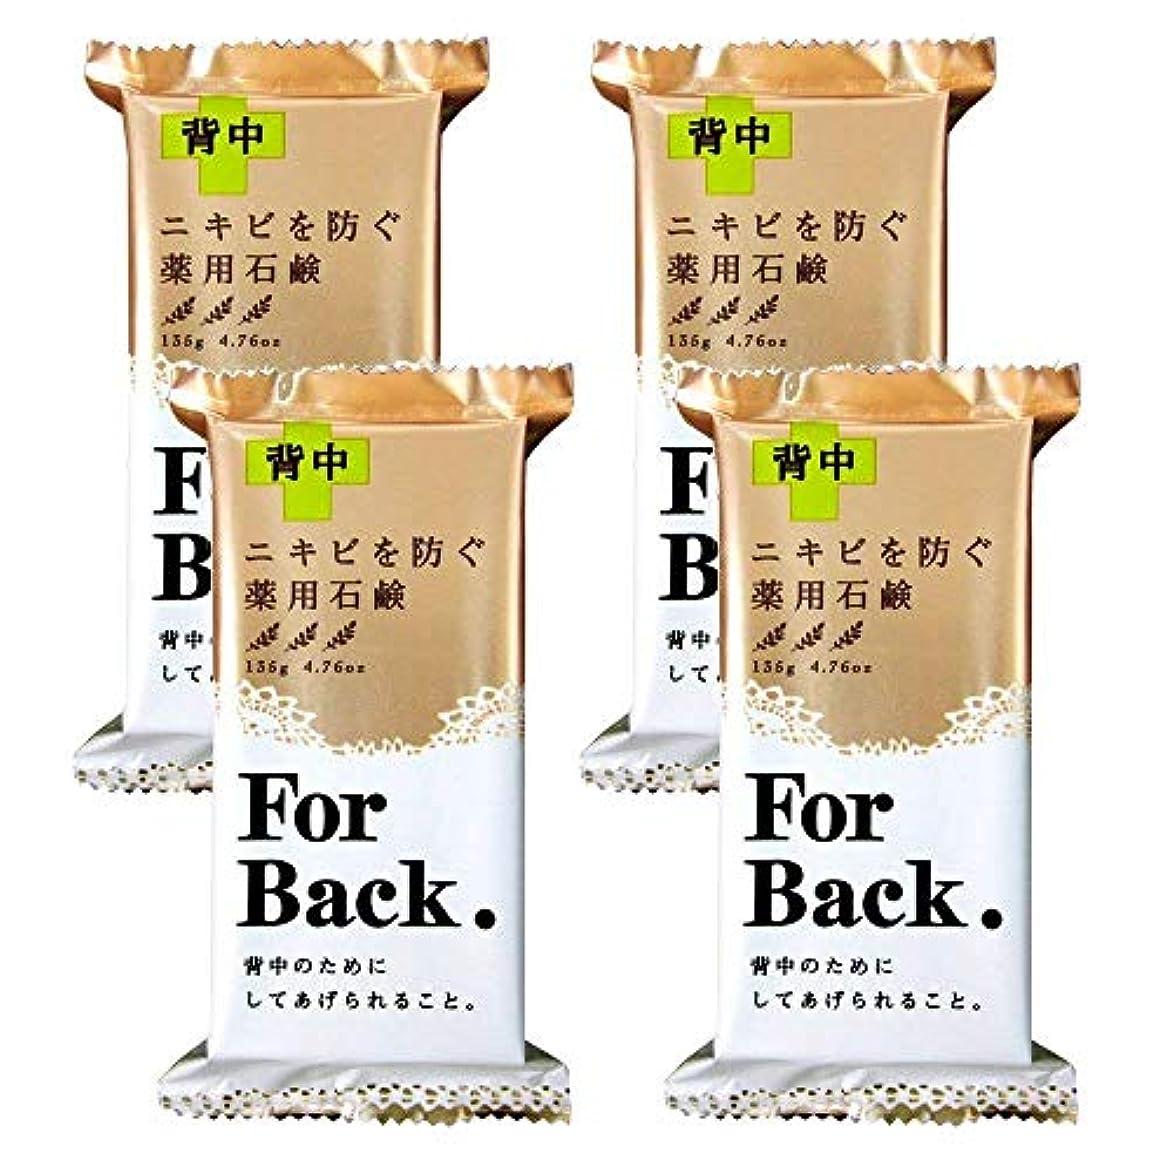 はっきりしない薬を飲むについて薬用石鹸 ForBack 135g×4個セット